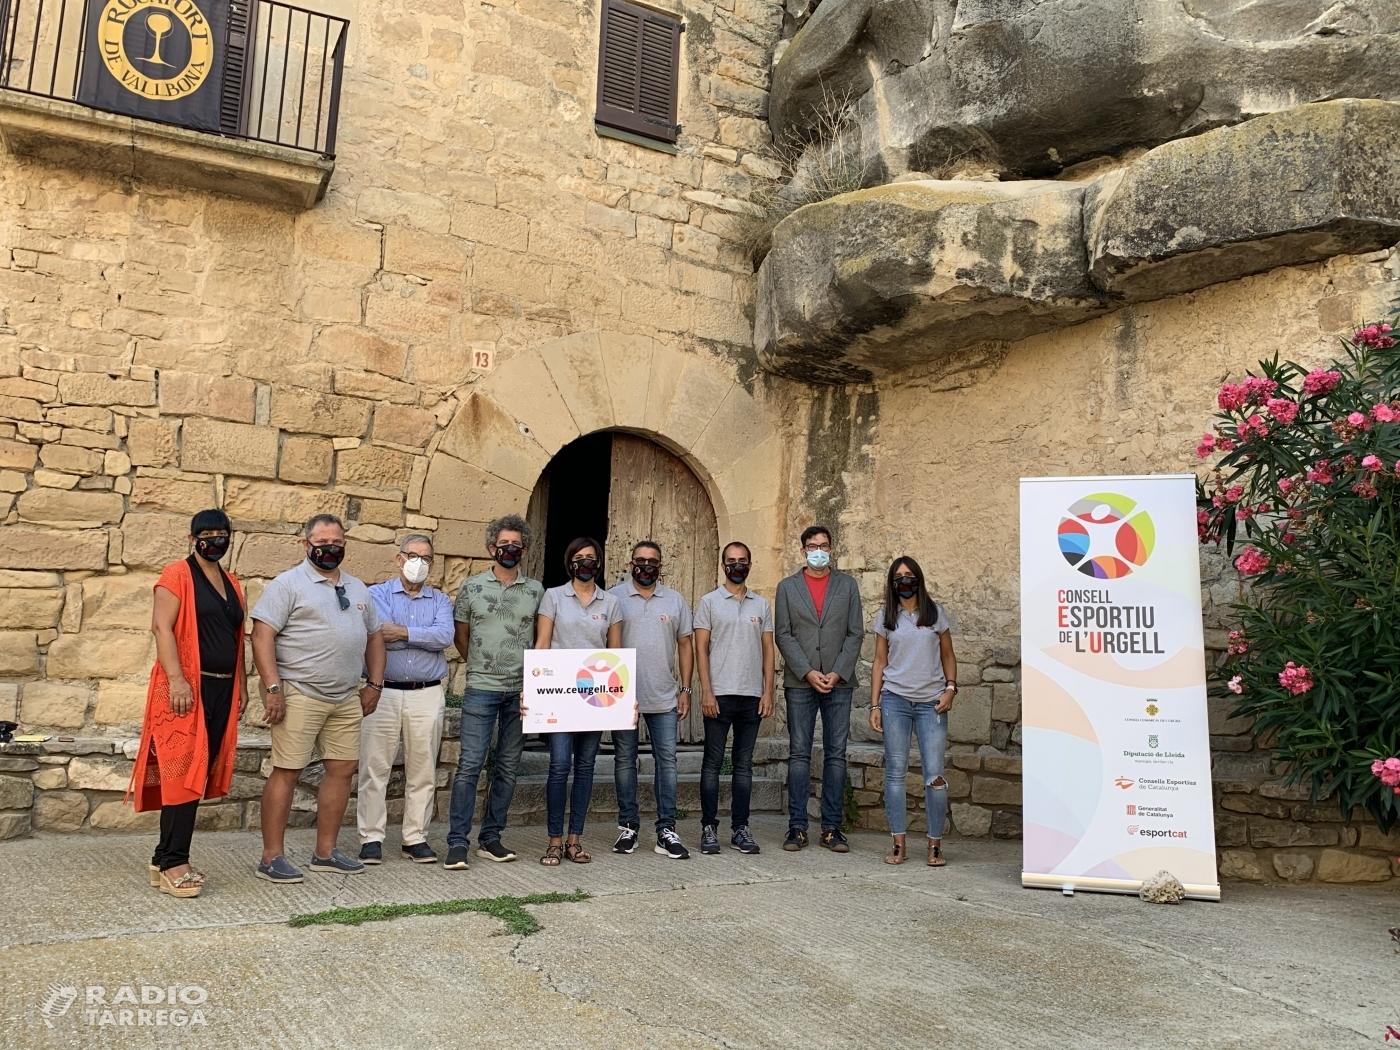 El Consell Comarcal de l'Urgell presenta la nova imatge i web del Consell Esportiu